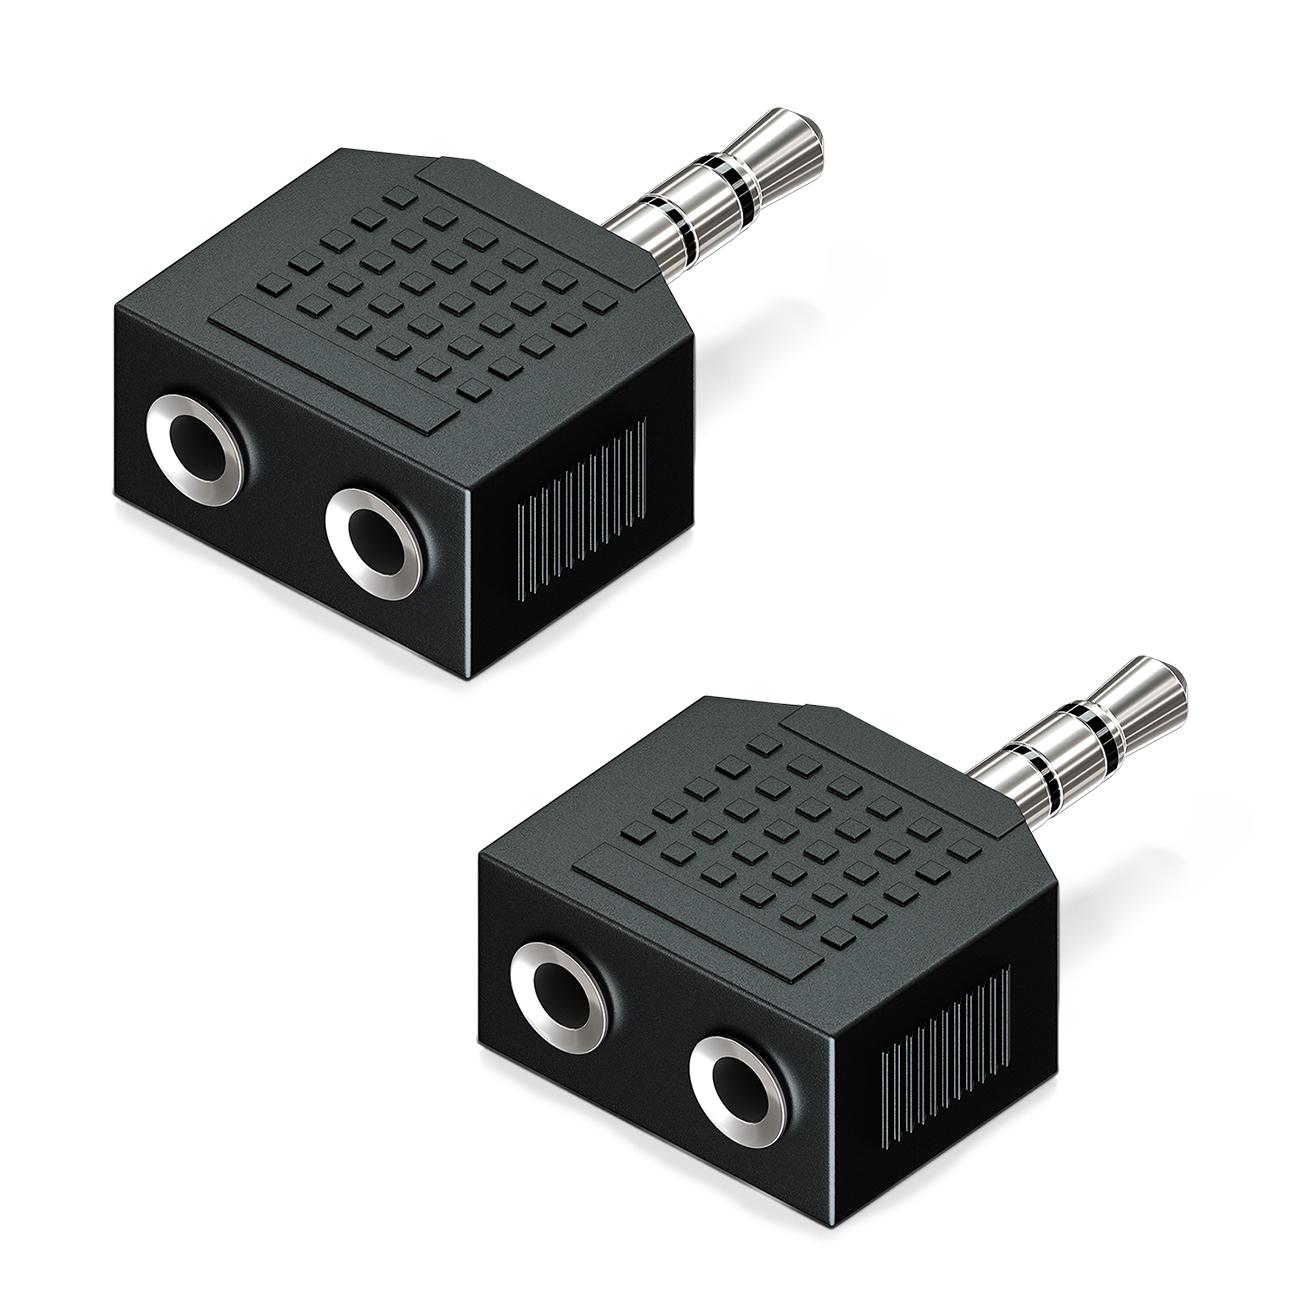 2x Klinkenadapter 2x Kupplungen 3,5mm stereo Metall Verbinder für Kopfhörer